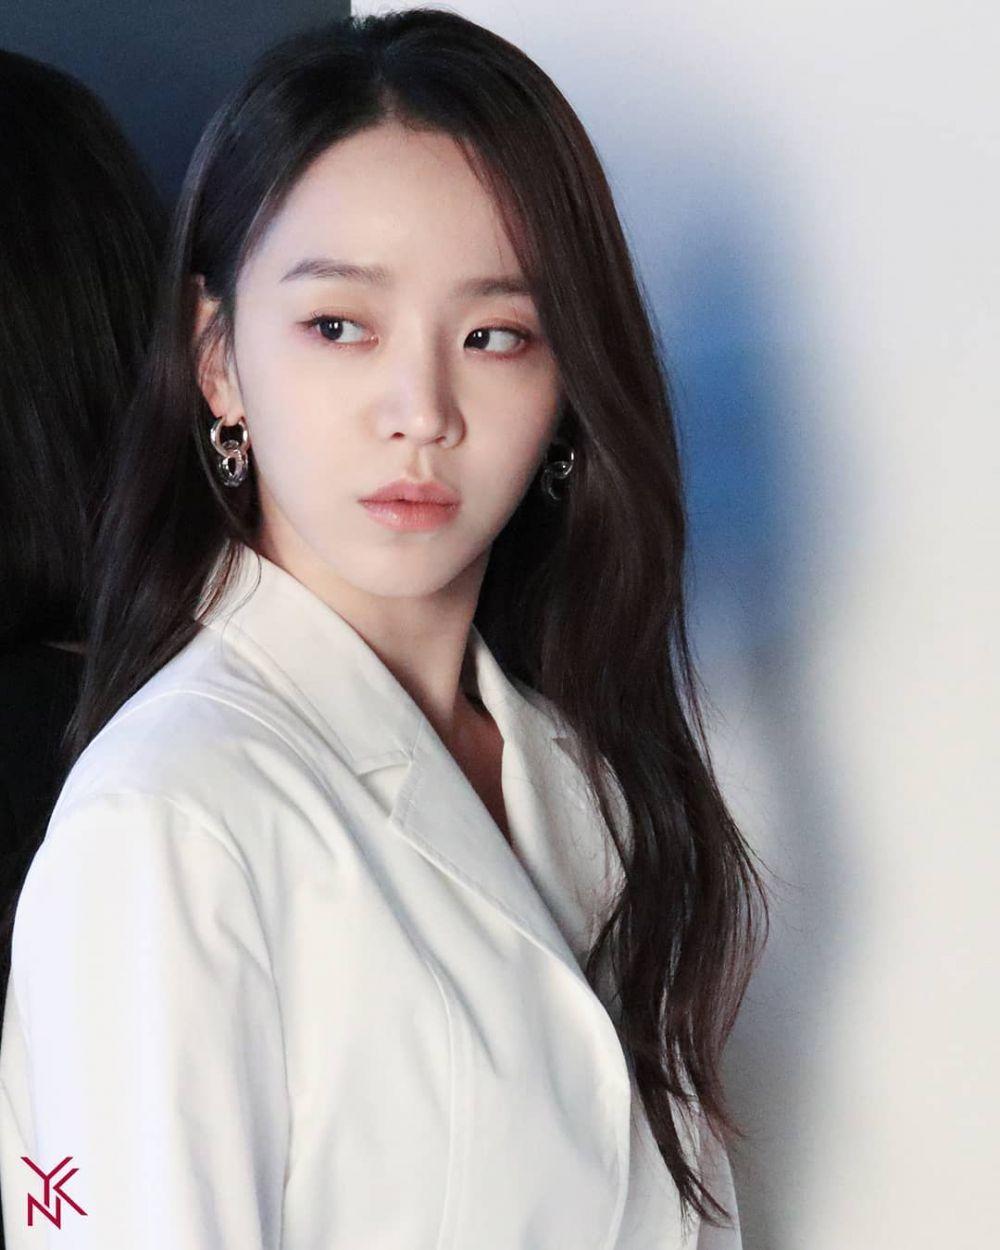 Comeback di Film Thriller, Ini 9 Pesona Memikat Shin Hye Sun